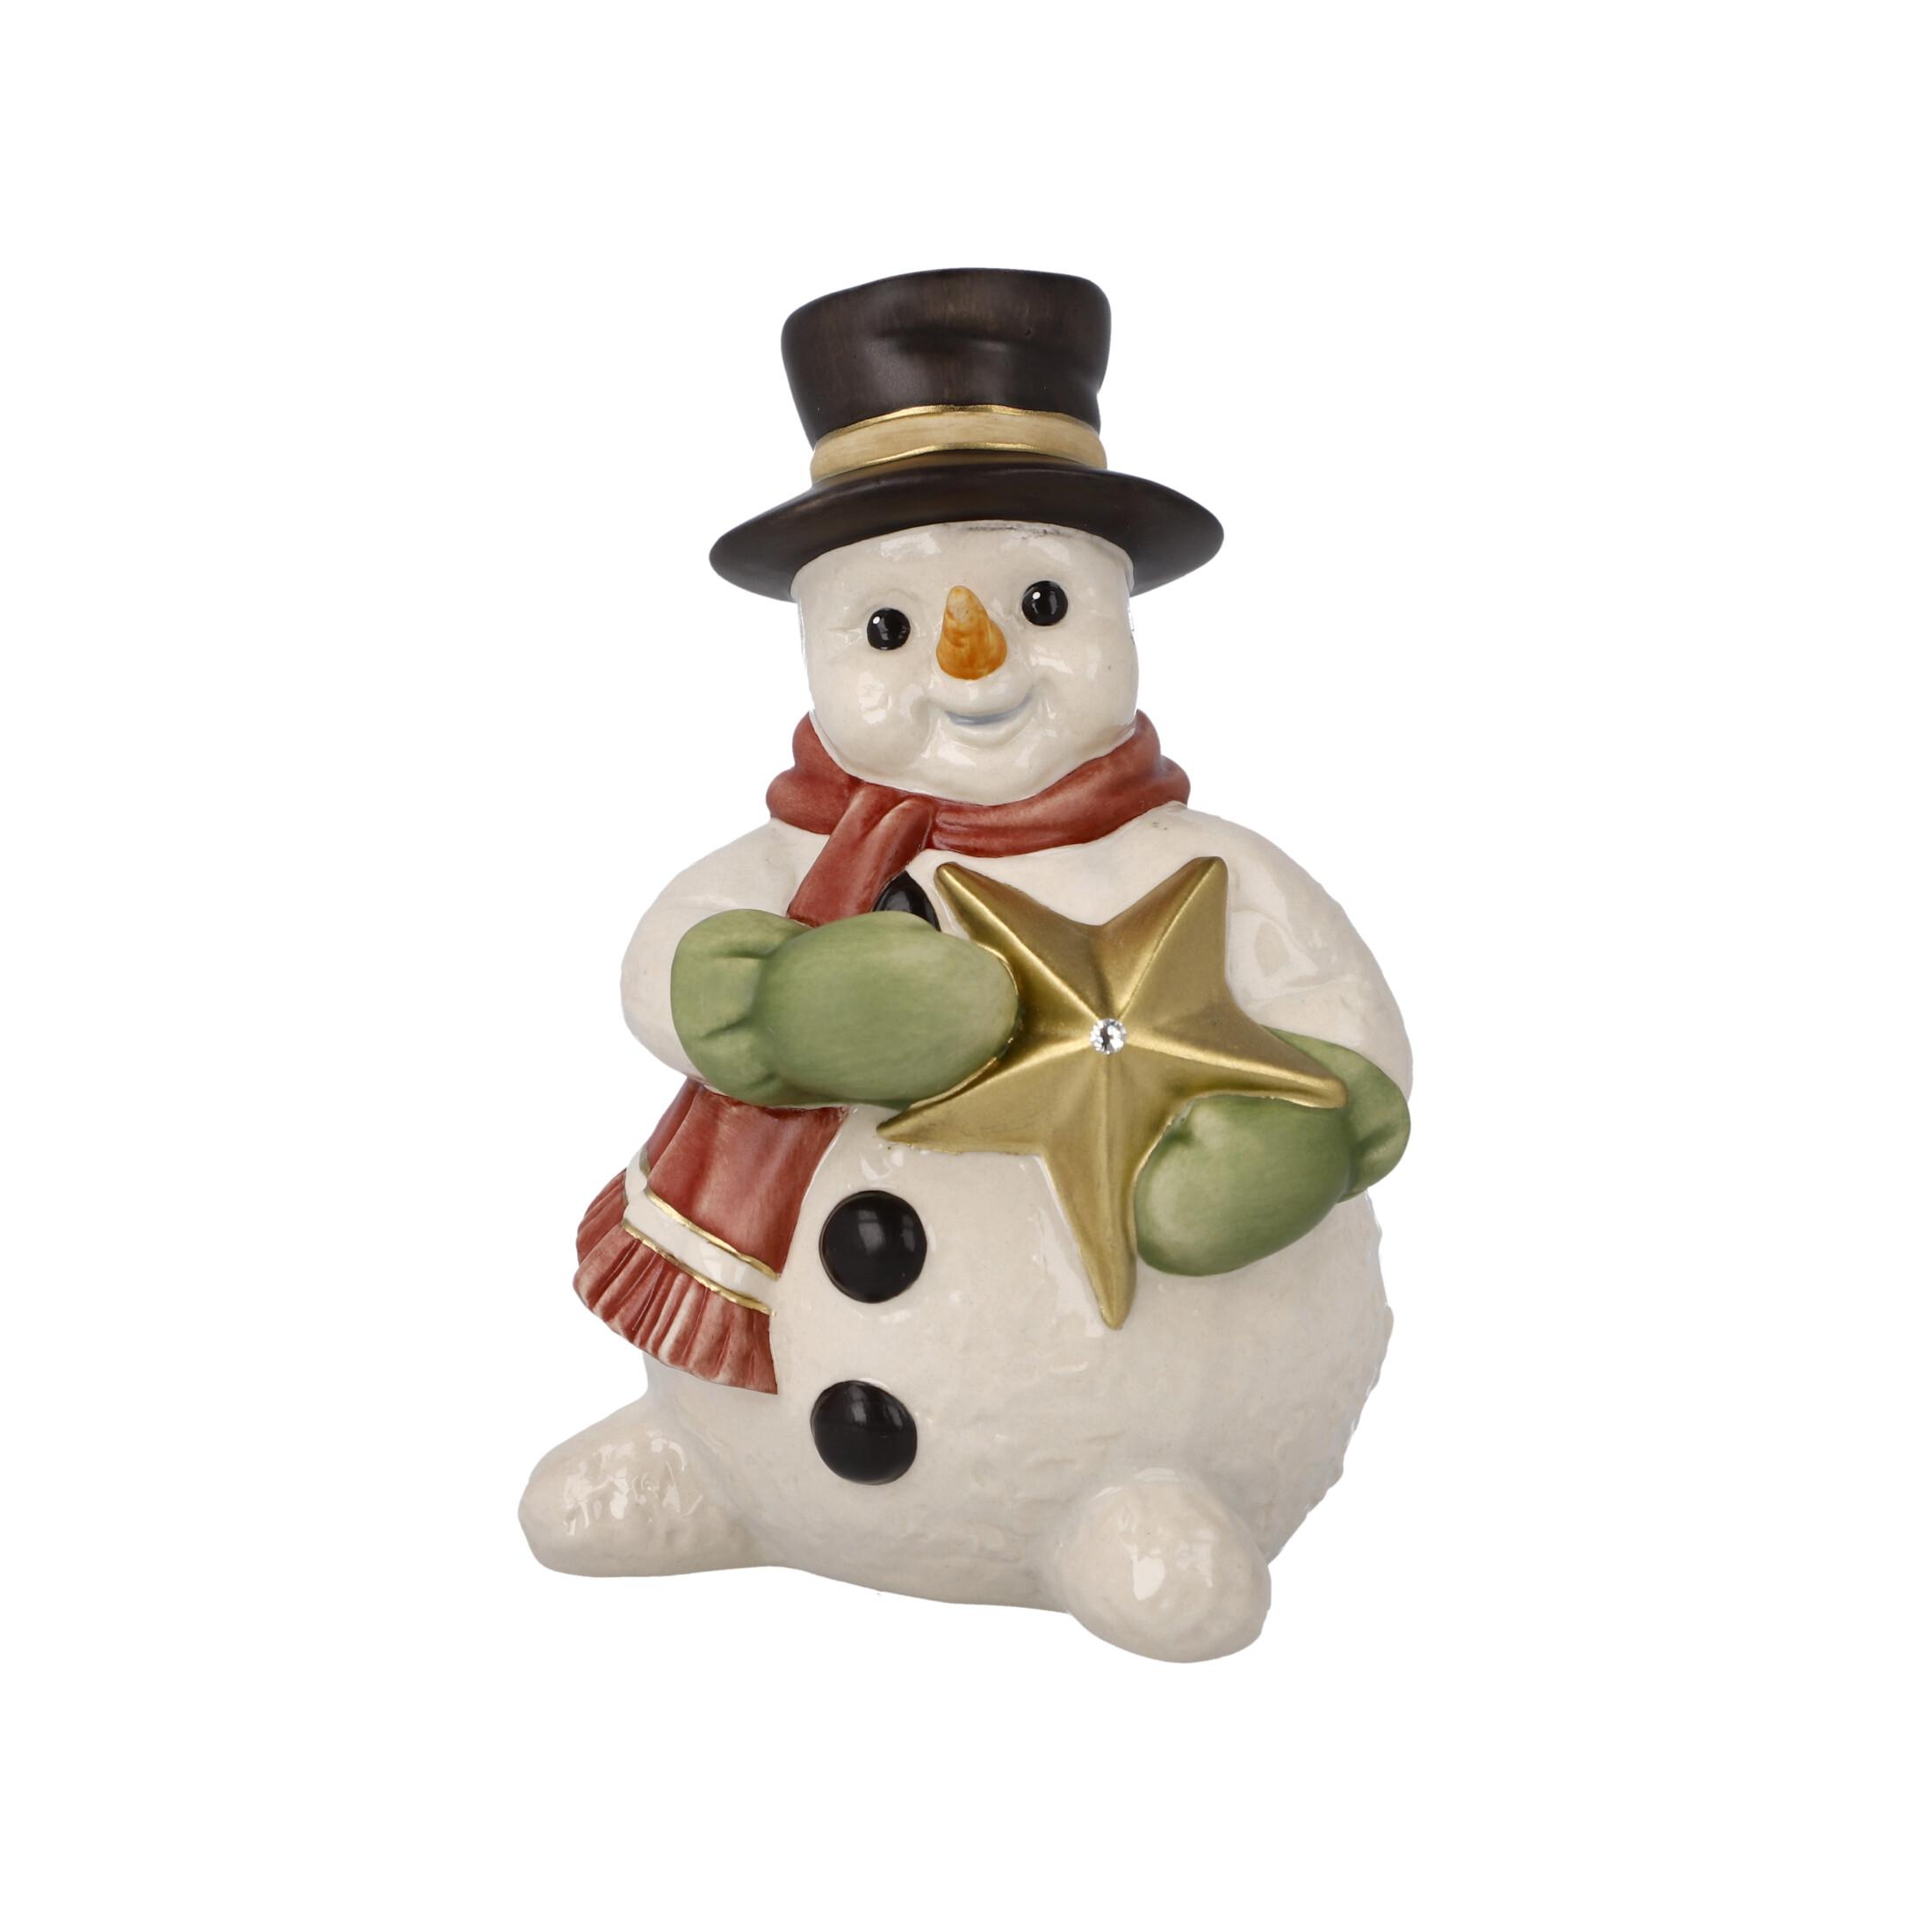 Goebel Weihnachten Schneemänner 'XM S Funkelnde Winternacht' 2021 !